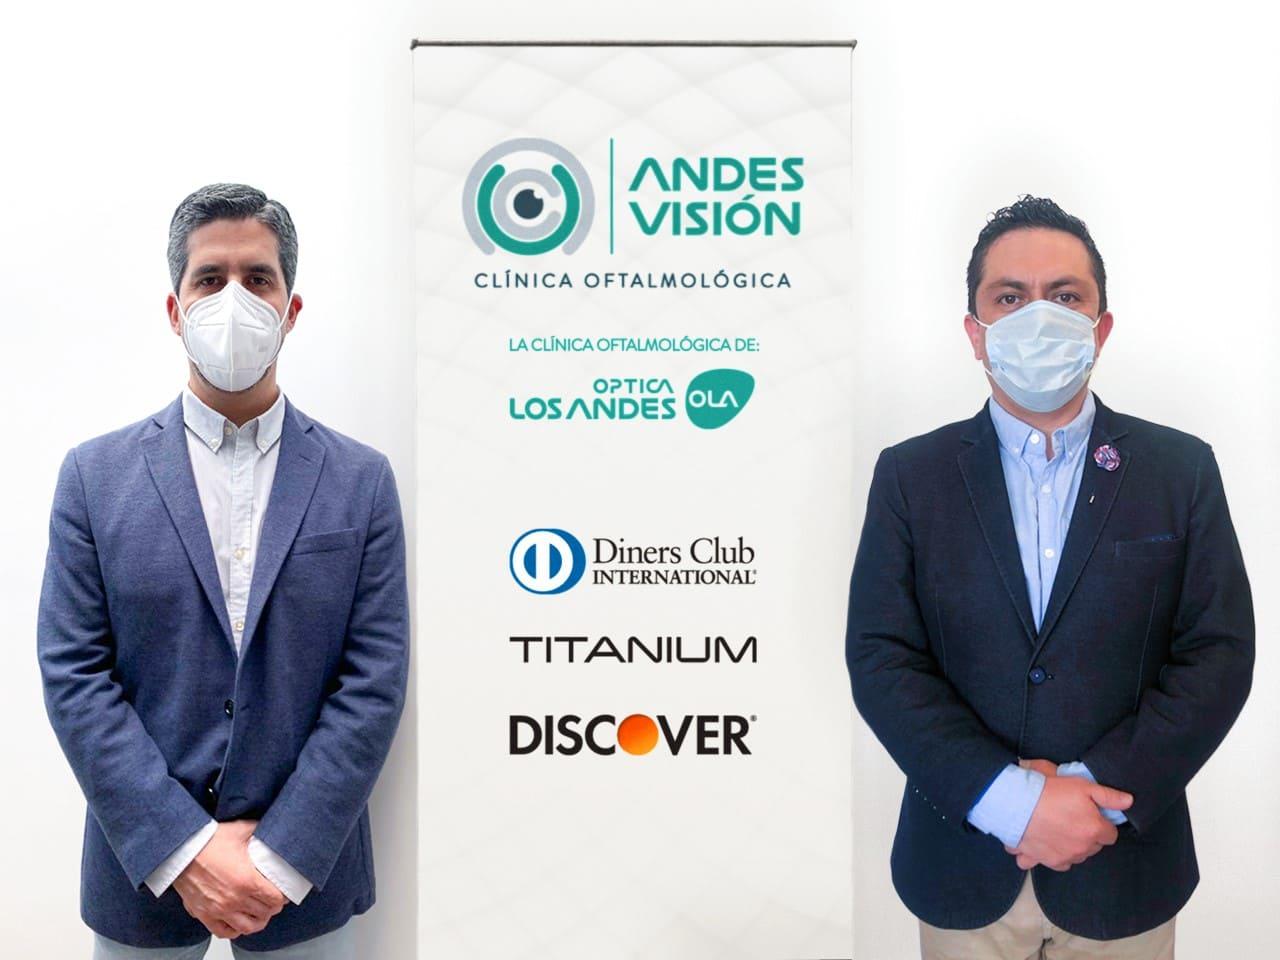 Diners Club del Ecuador y Andes Visión firman alianza estratégica